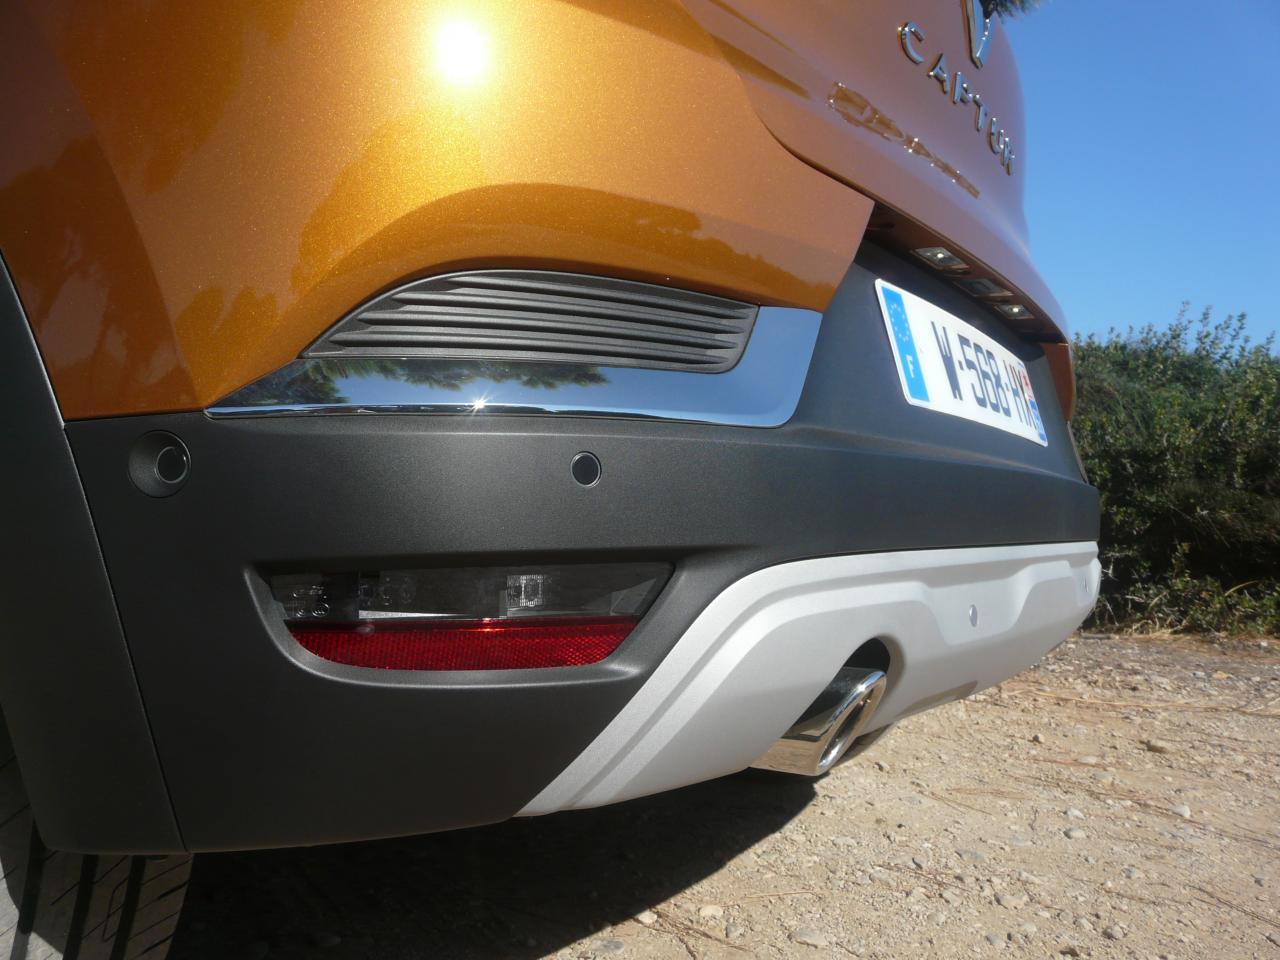 2019 - [Renault]  Captur II [HJB]  - Page 2 Hd-renault-captur-ii---toutes-les-photos-de-notre-essai-du-suv-citadin-fran%C3%A7ais